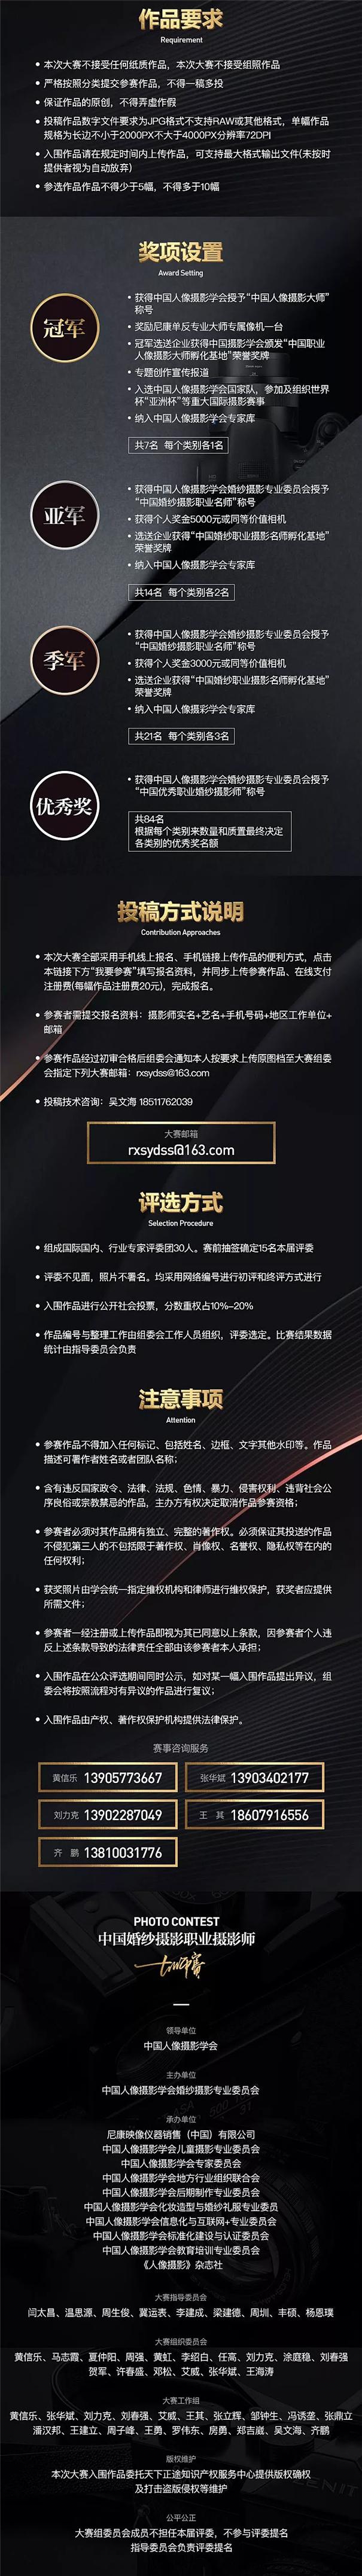 中国人像婚纱在线配资职业在线配资大师赛 征稿启动